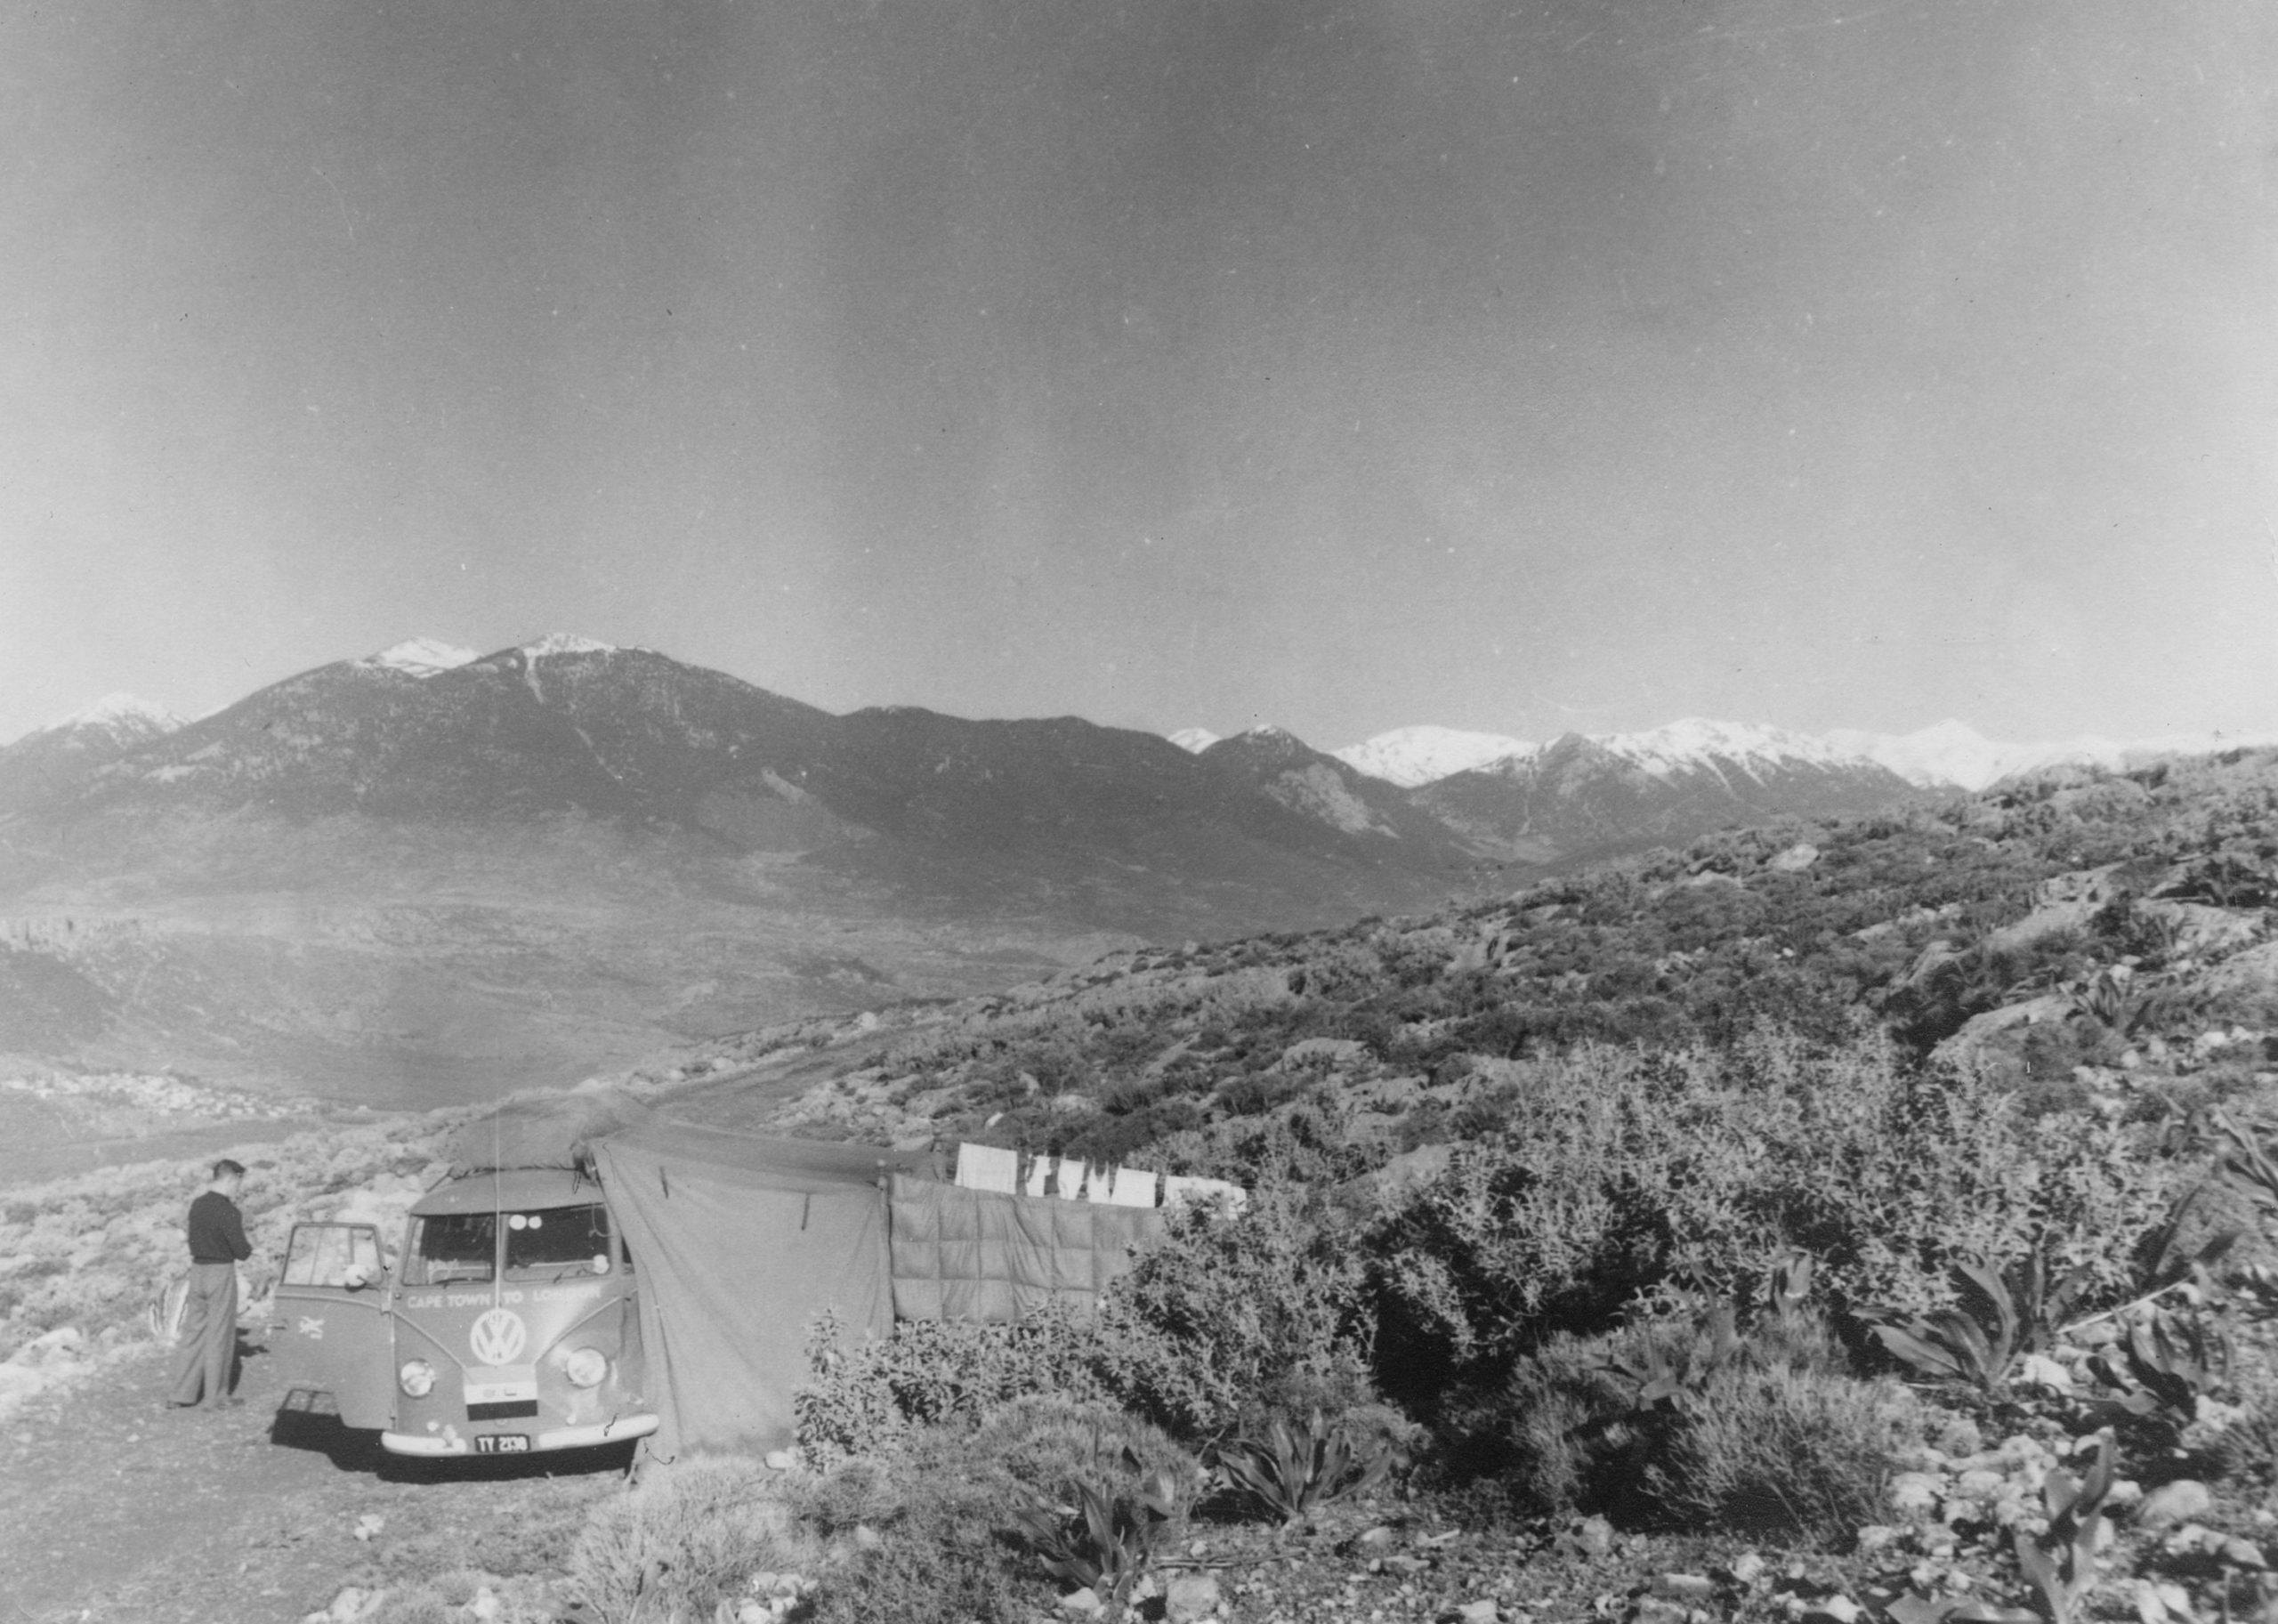 Home is a Journey - April 2 - Delphi camp spot 1